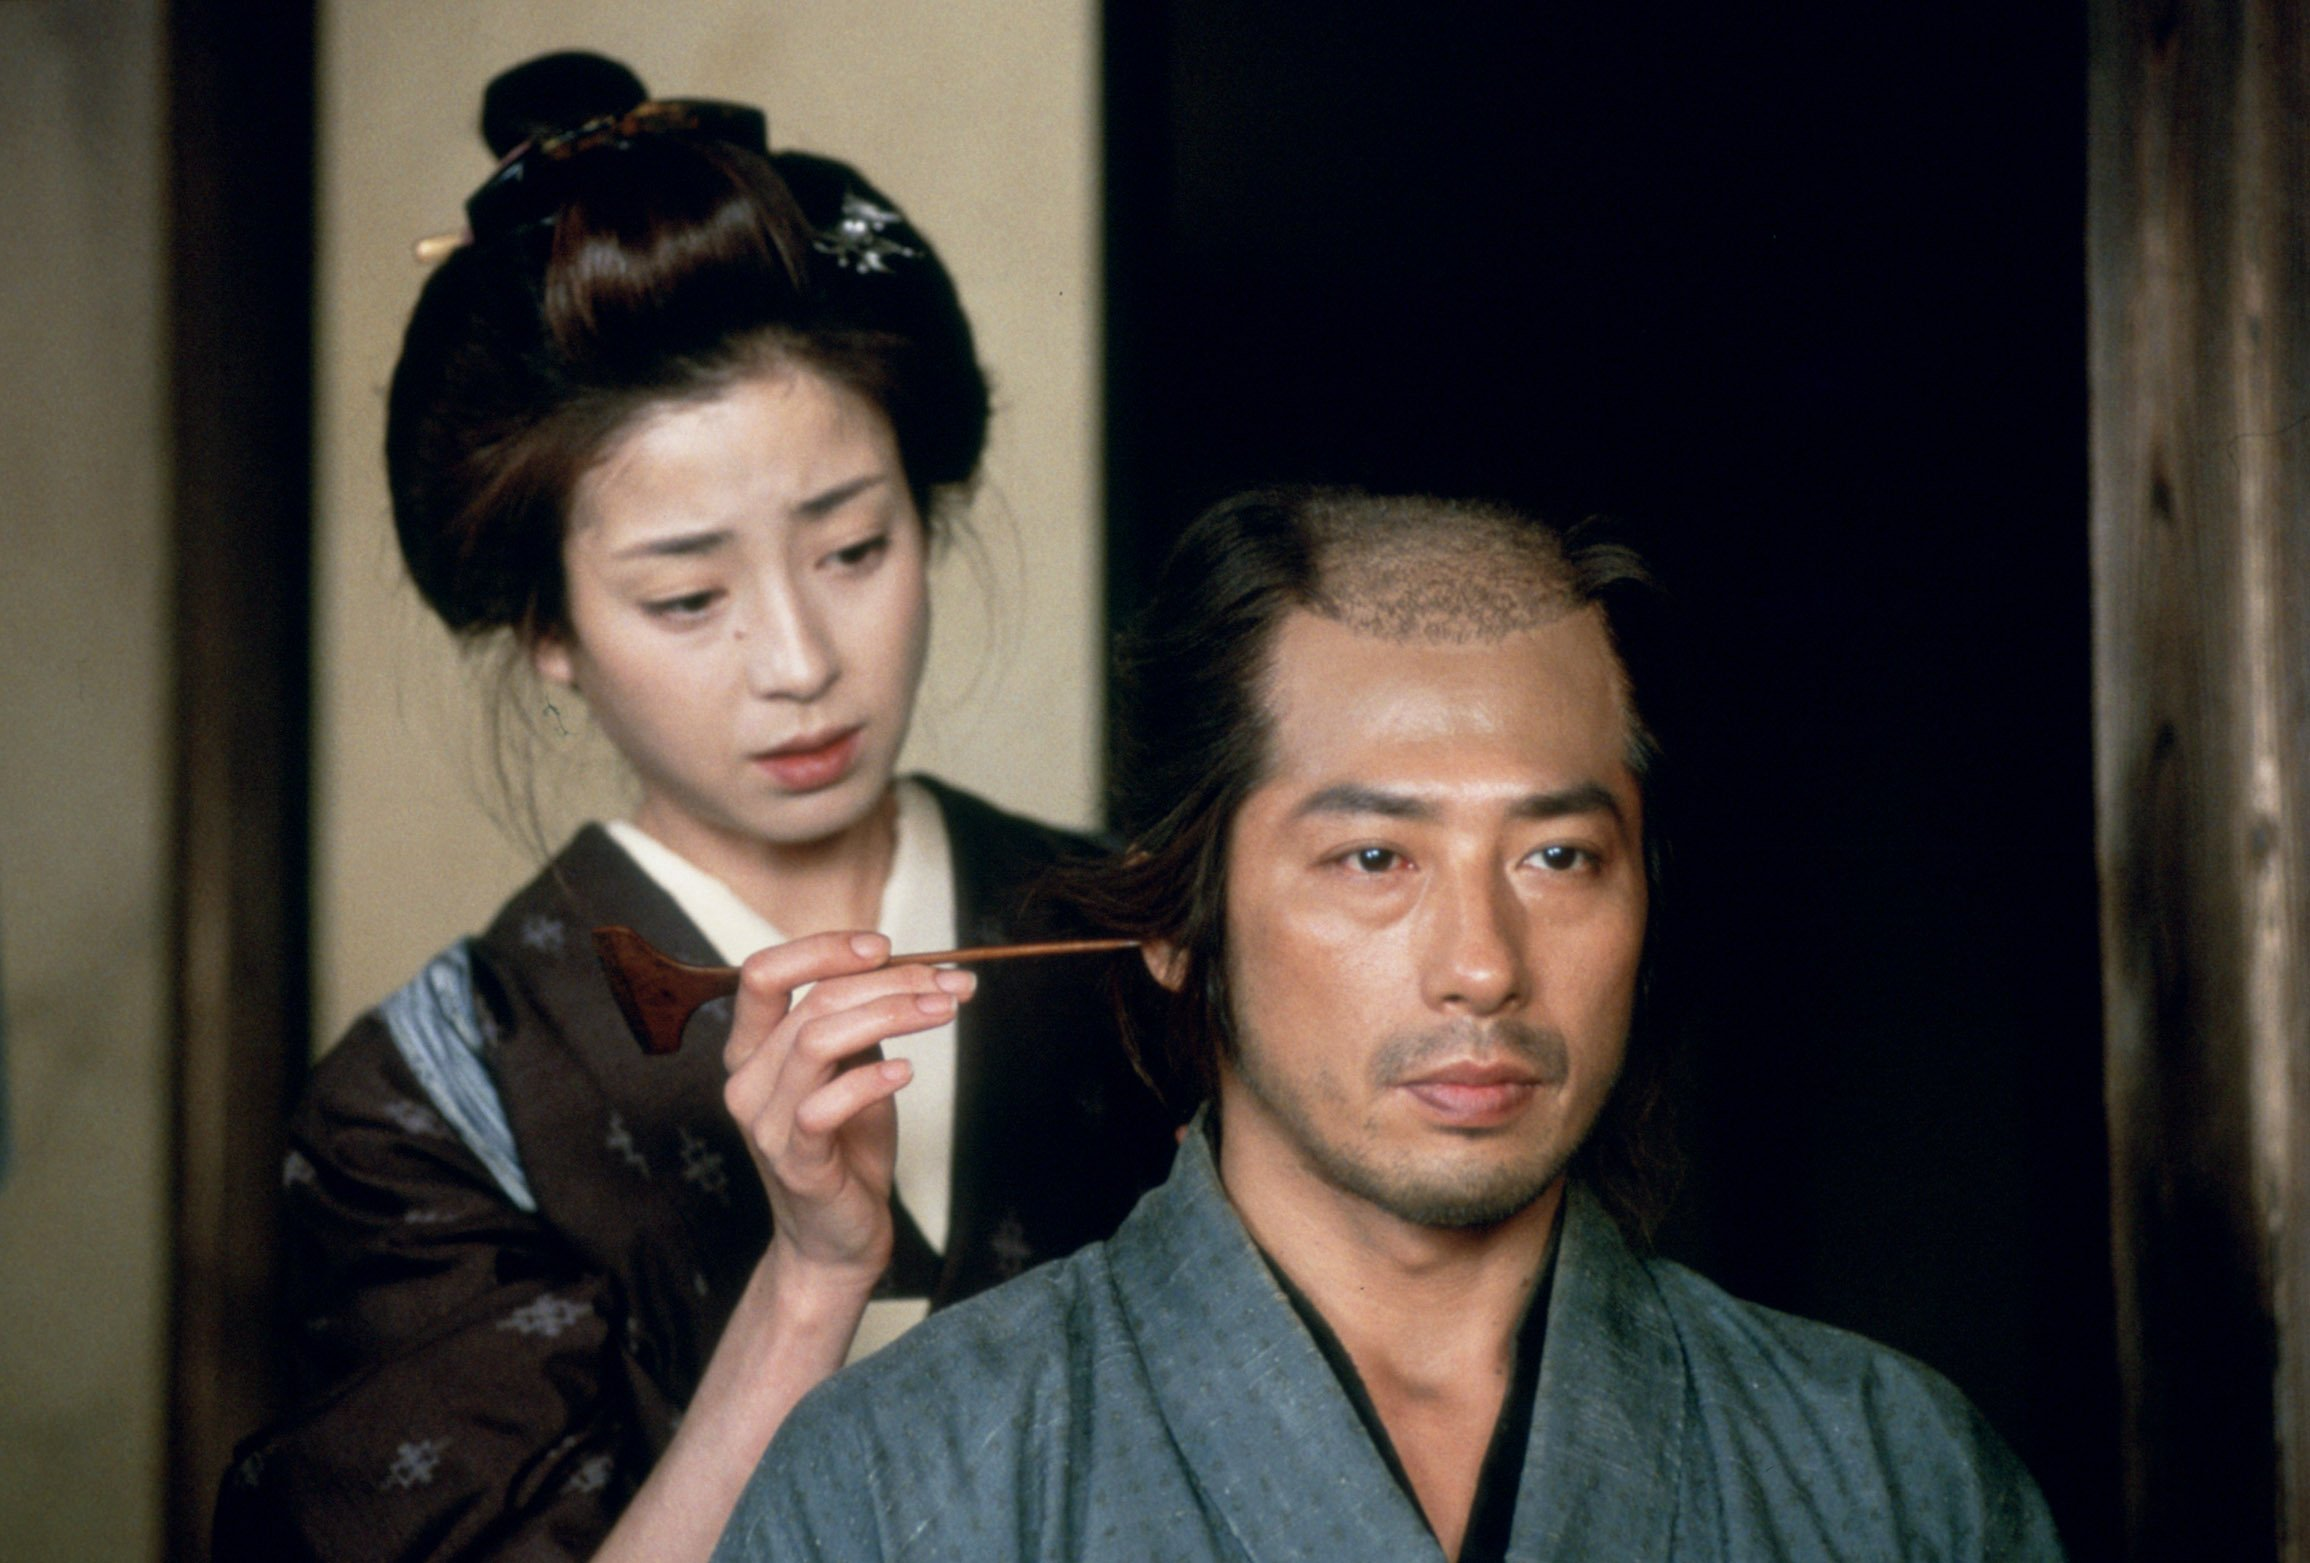 سامورایی گرگ و میش